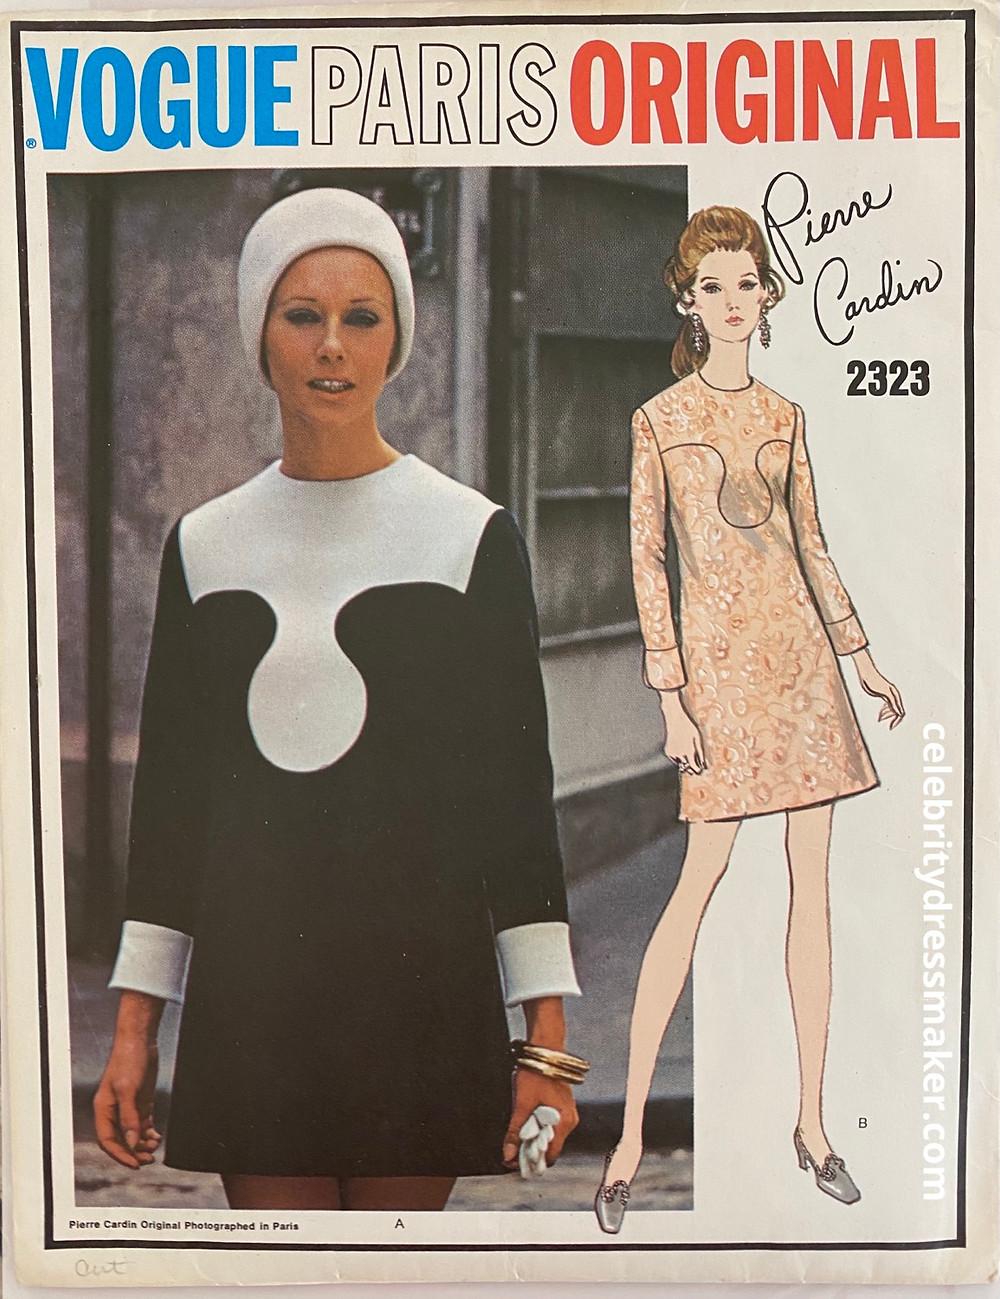 Vogue Paris Original #2323, Design by Pierre Cardin